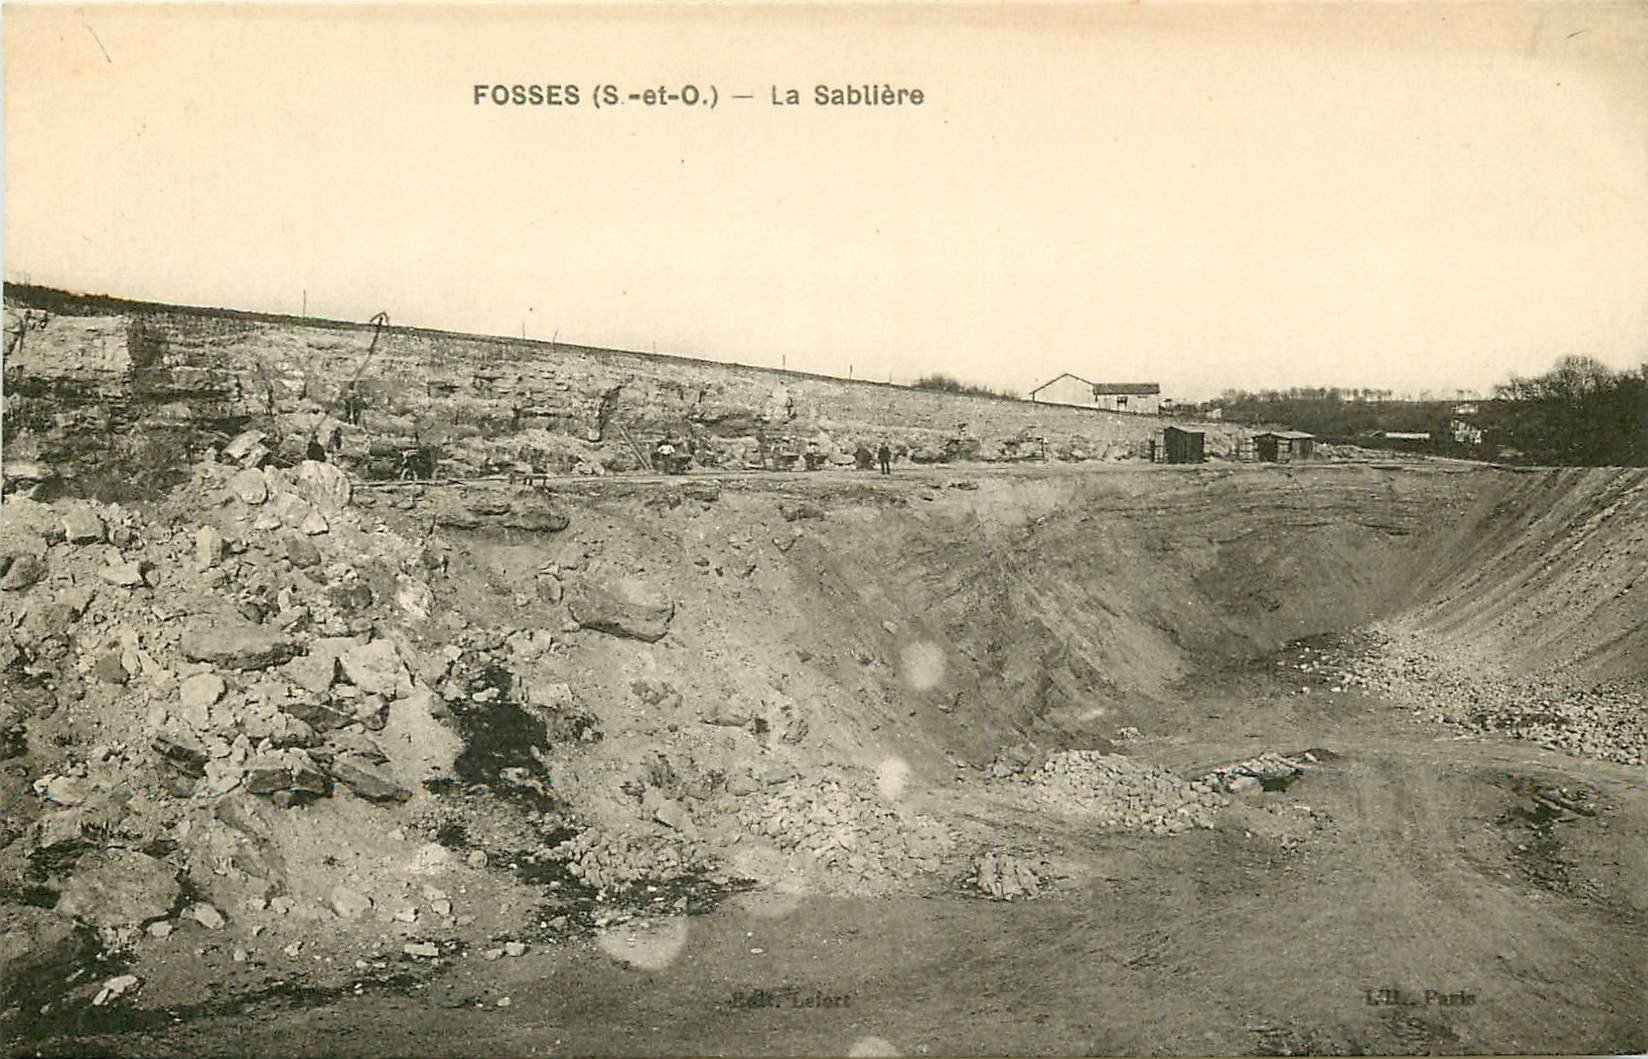 95 FOSSES. La Sablière 1932 Mines et Calcaire